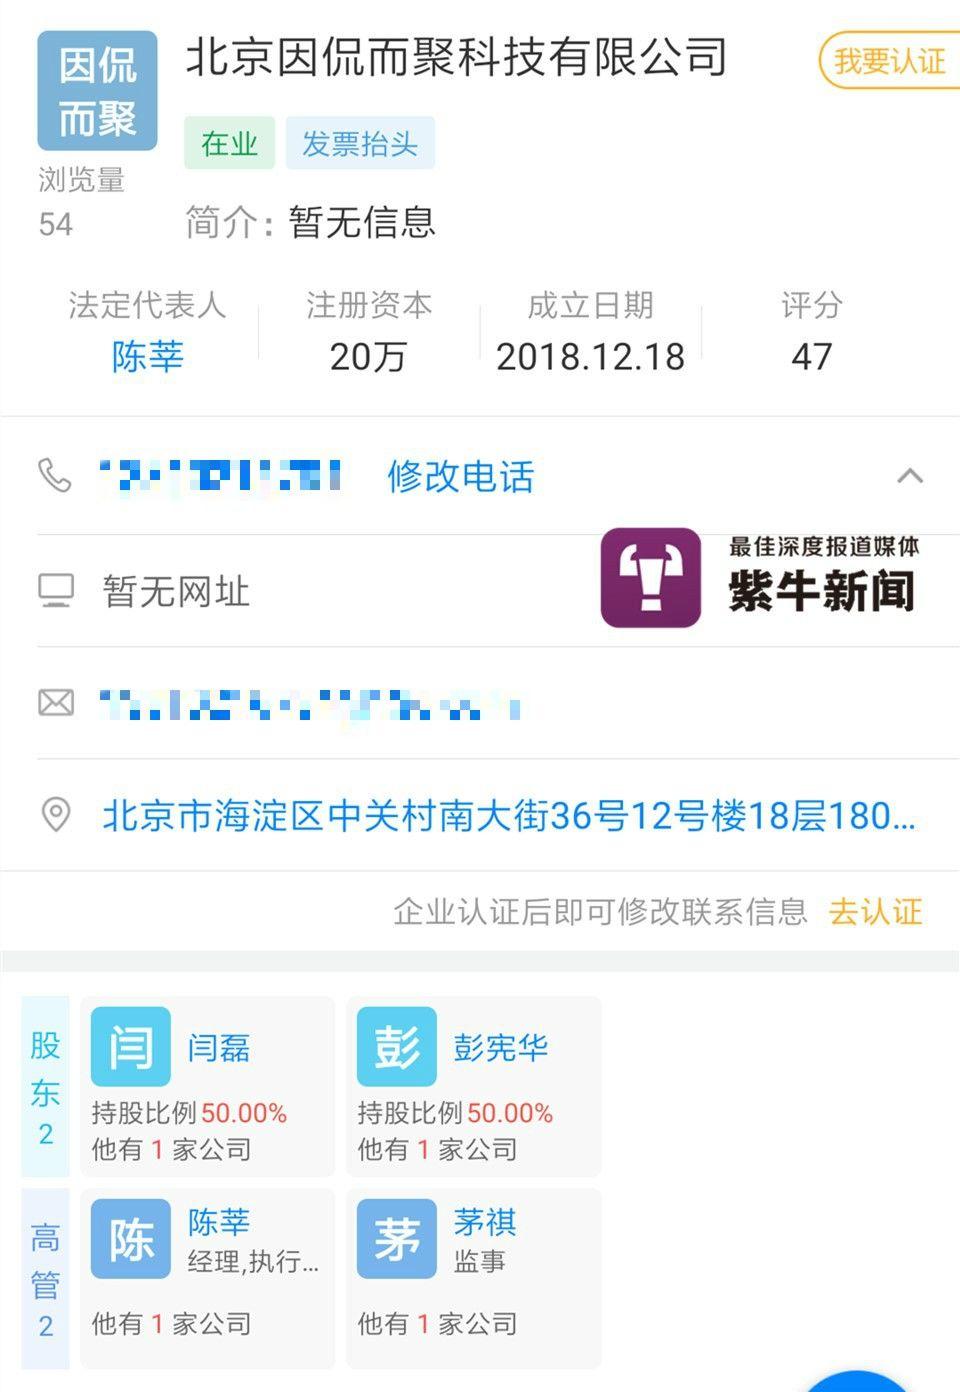 创业者茅侃侃自杀后好友筹钱为其母养老,法院划走四百万偿债